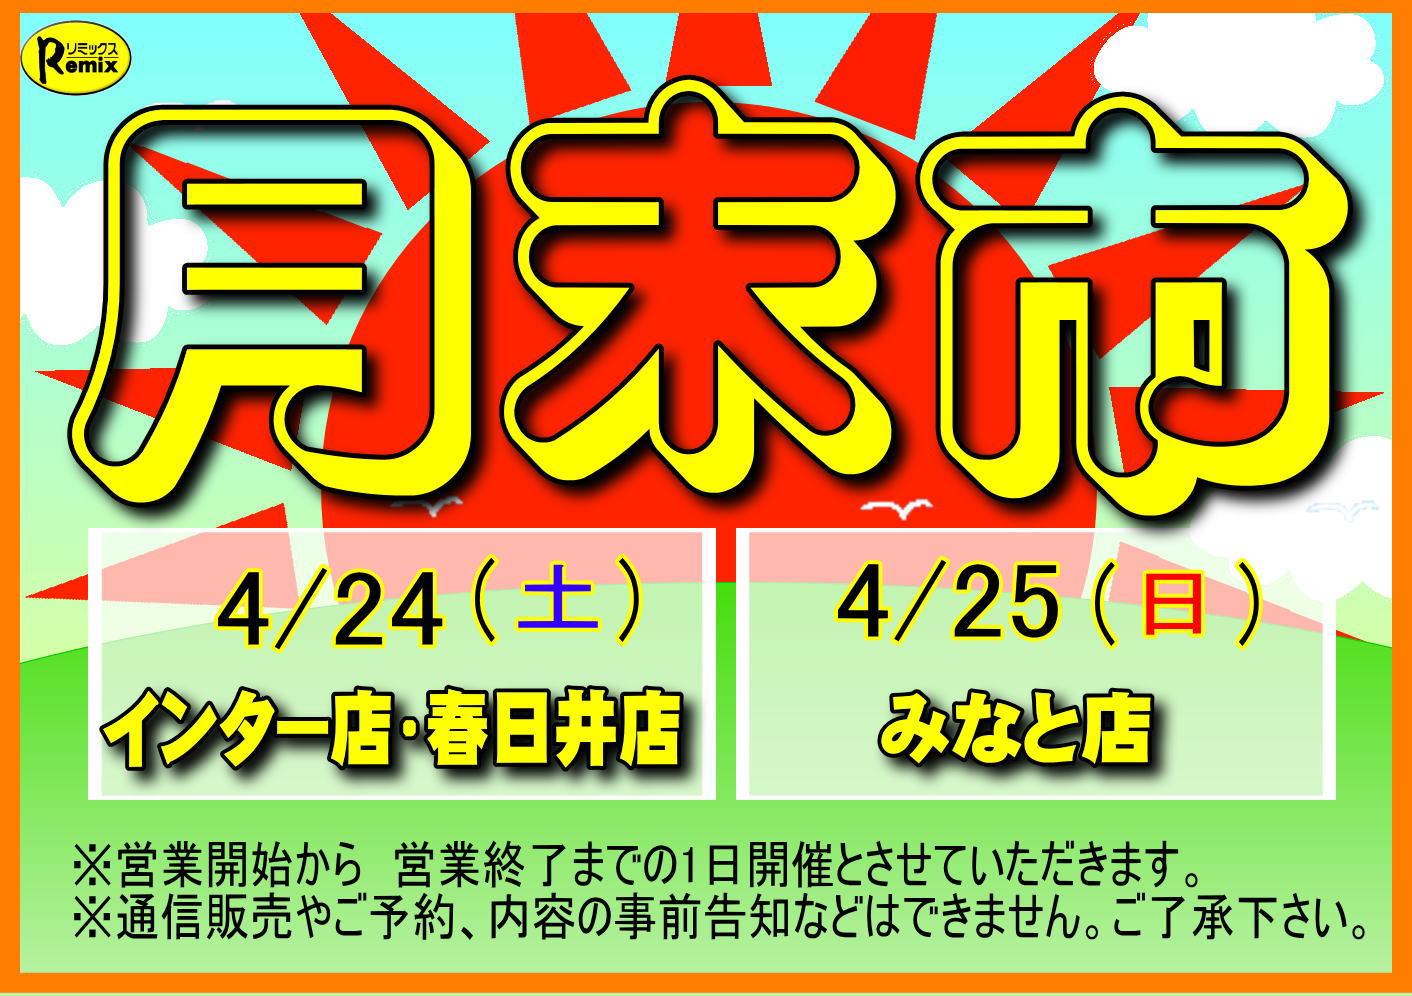 春日井月末市のお知らせ